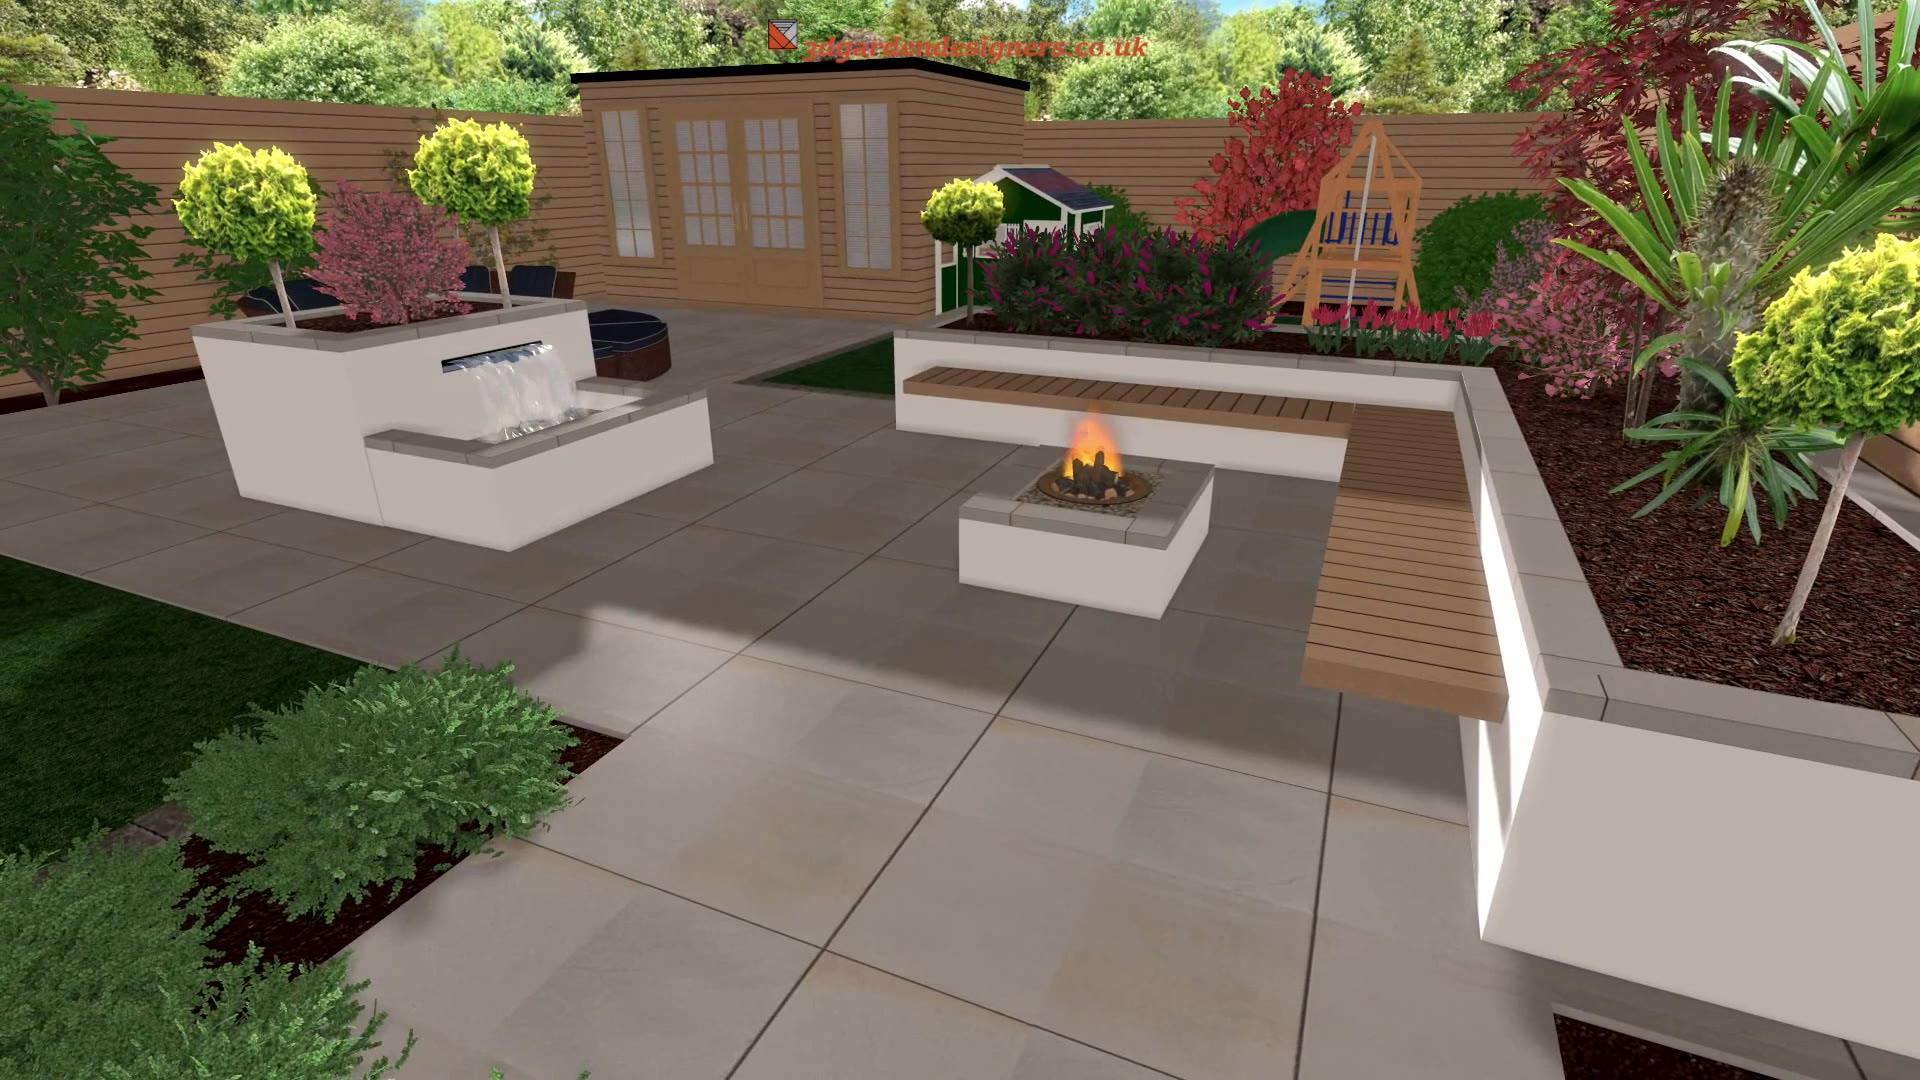 Landscape Designers | Landscape architecture